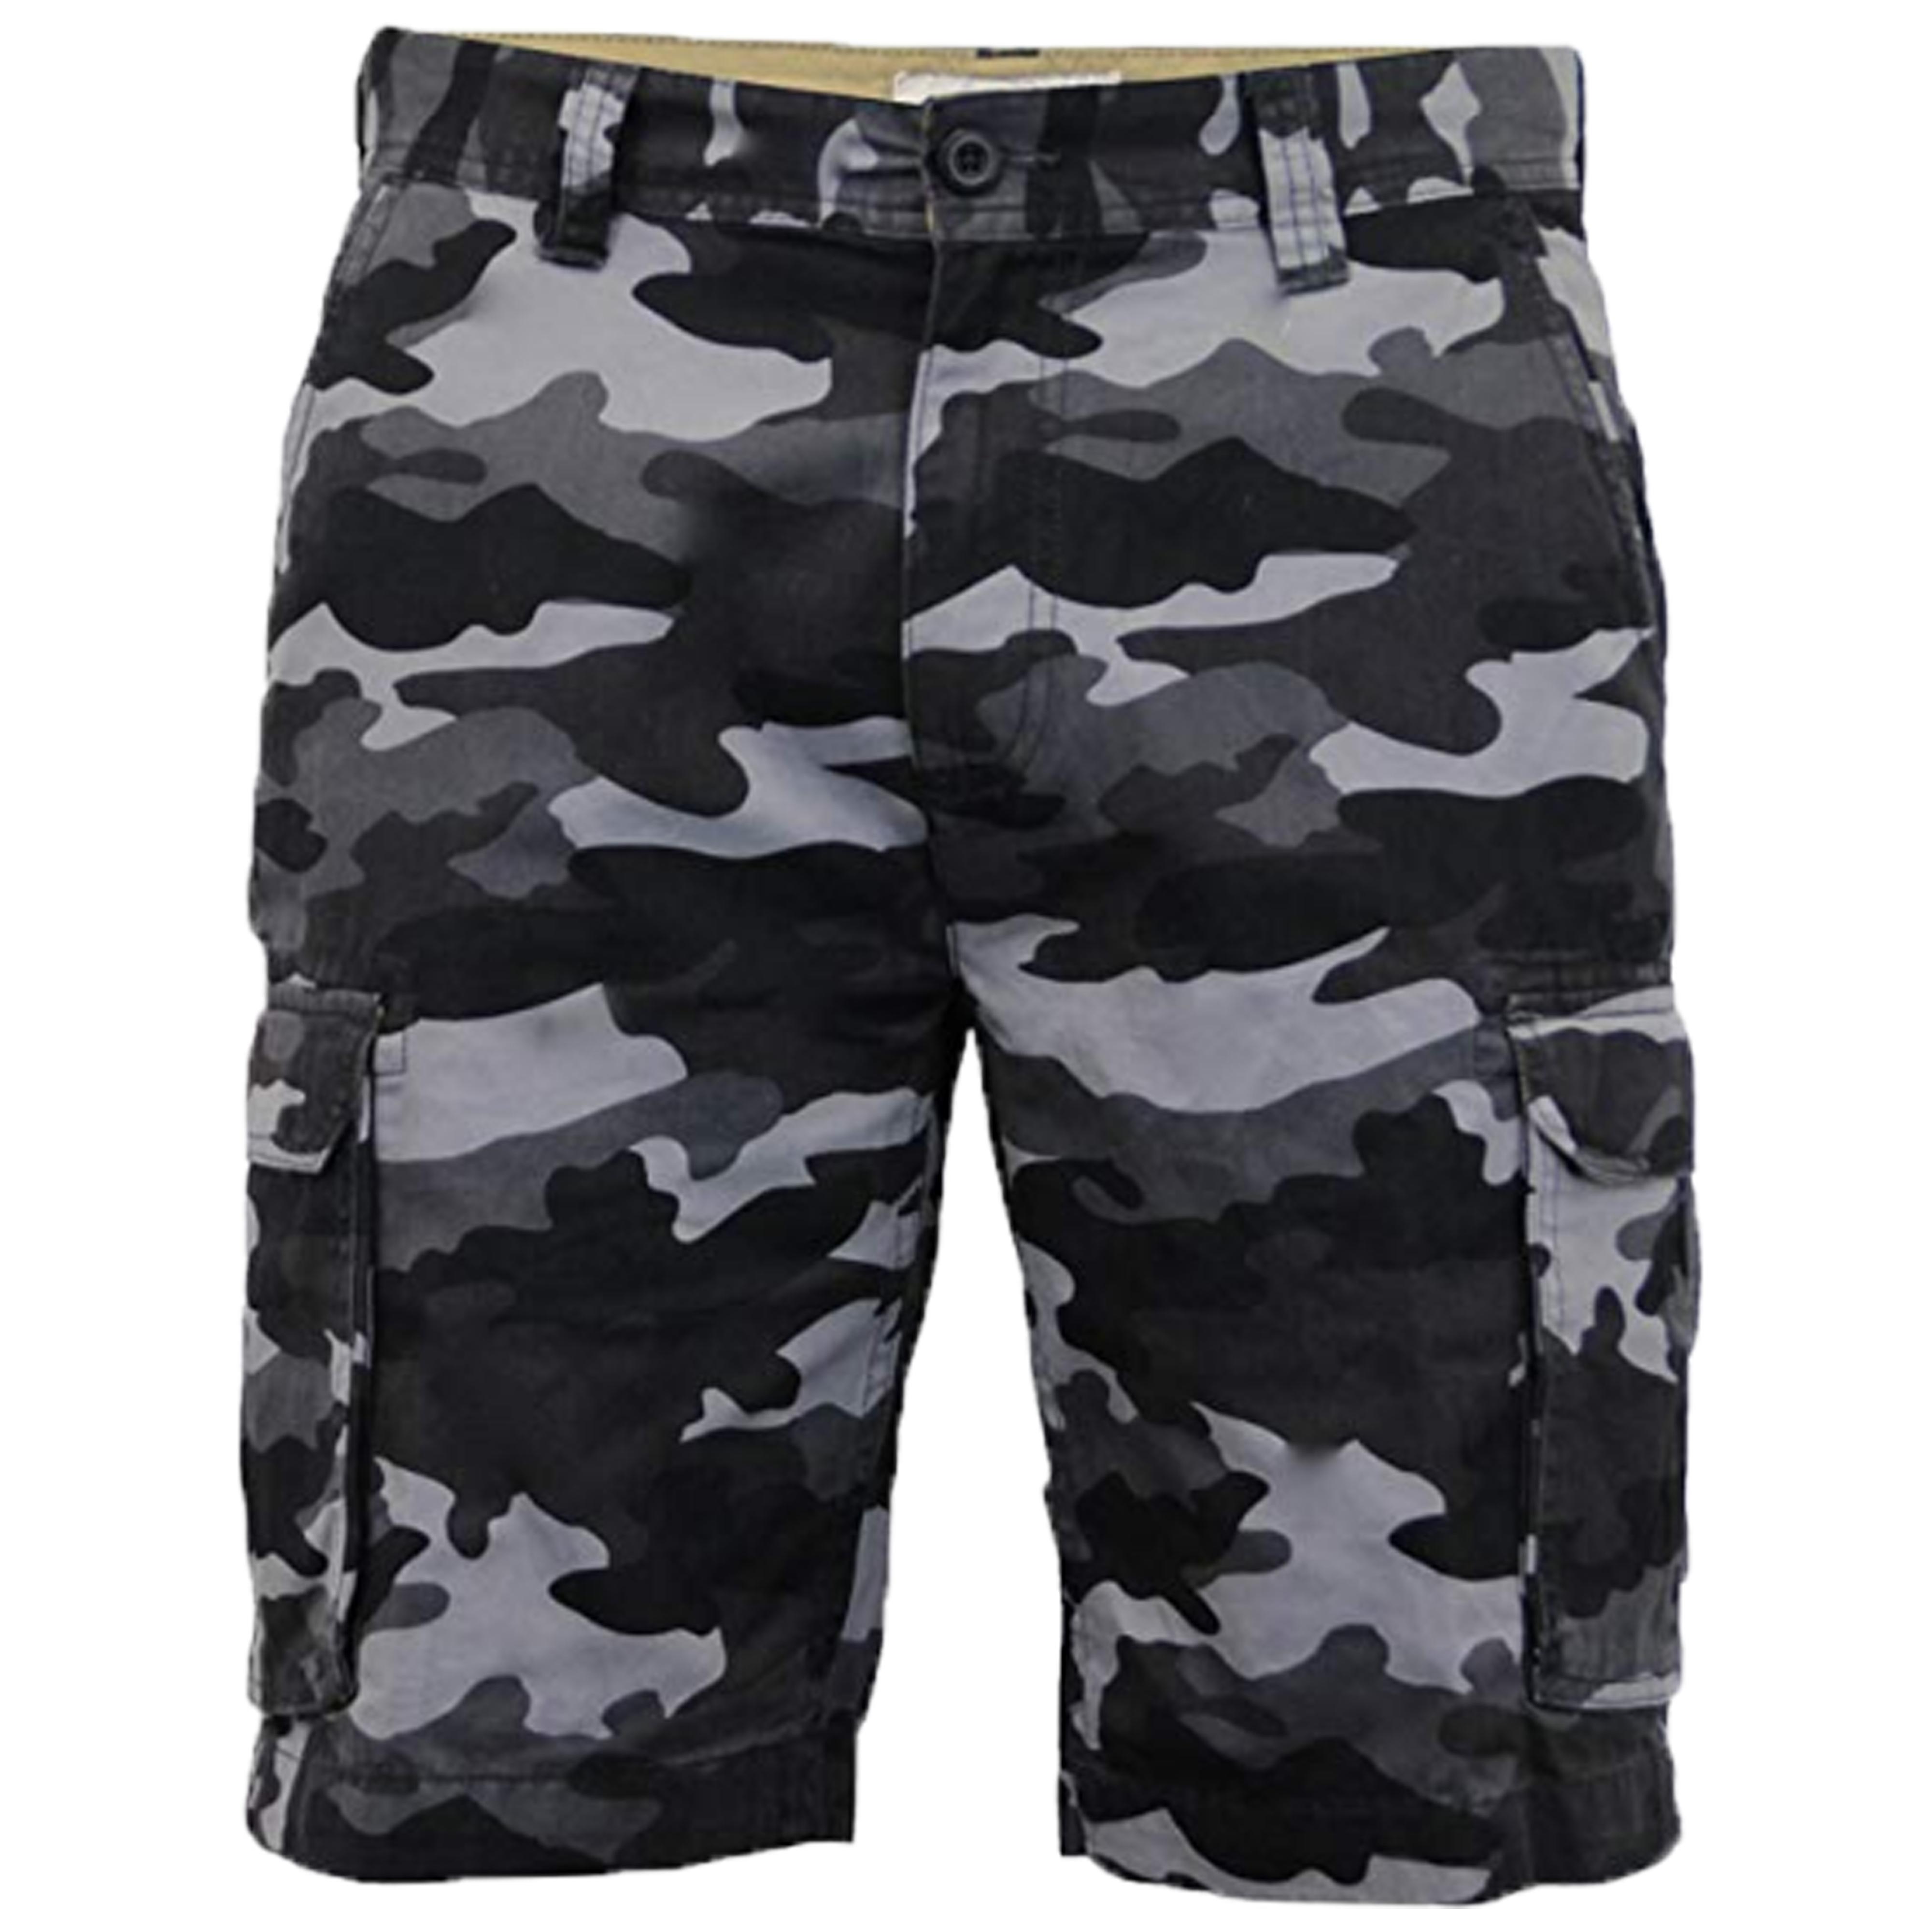 Para-Hombre-Pantalones-Cortos-Estilo-Cargo-De-Camuflaje-Combate-Largo-Hasta-La-Rodilla-Ejercito miniatura 4